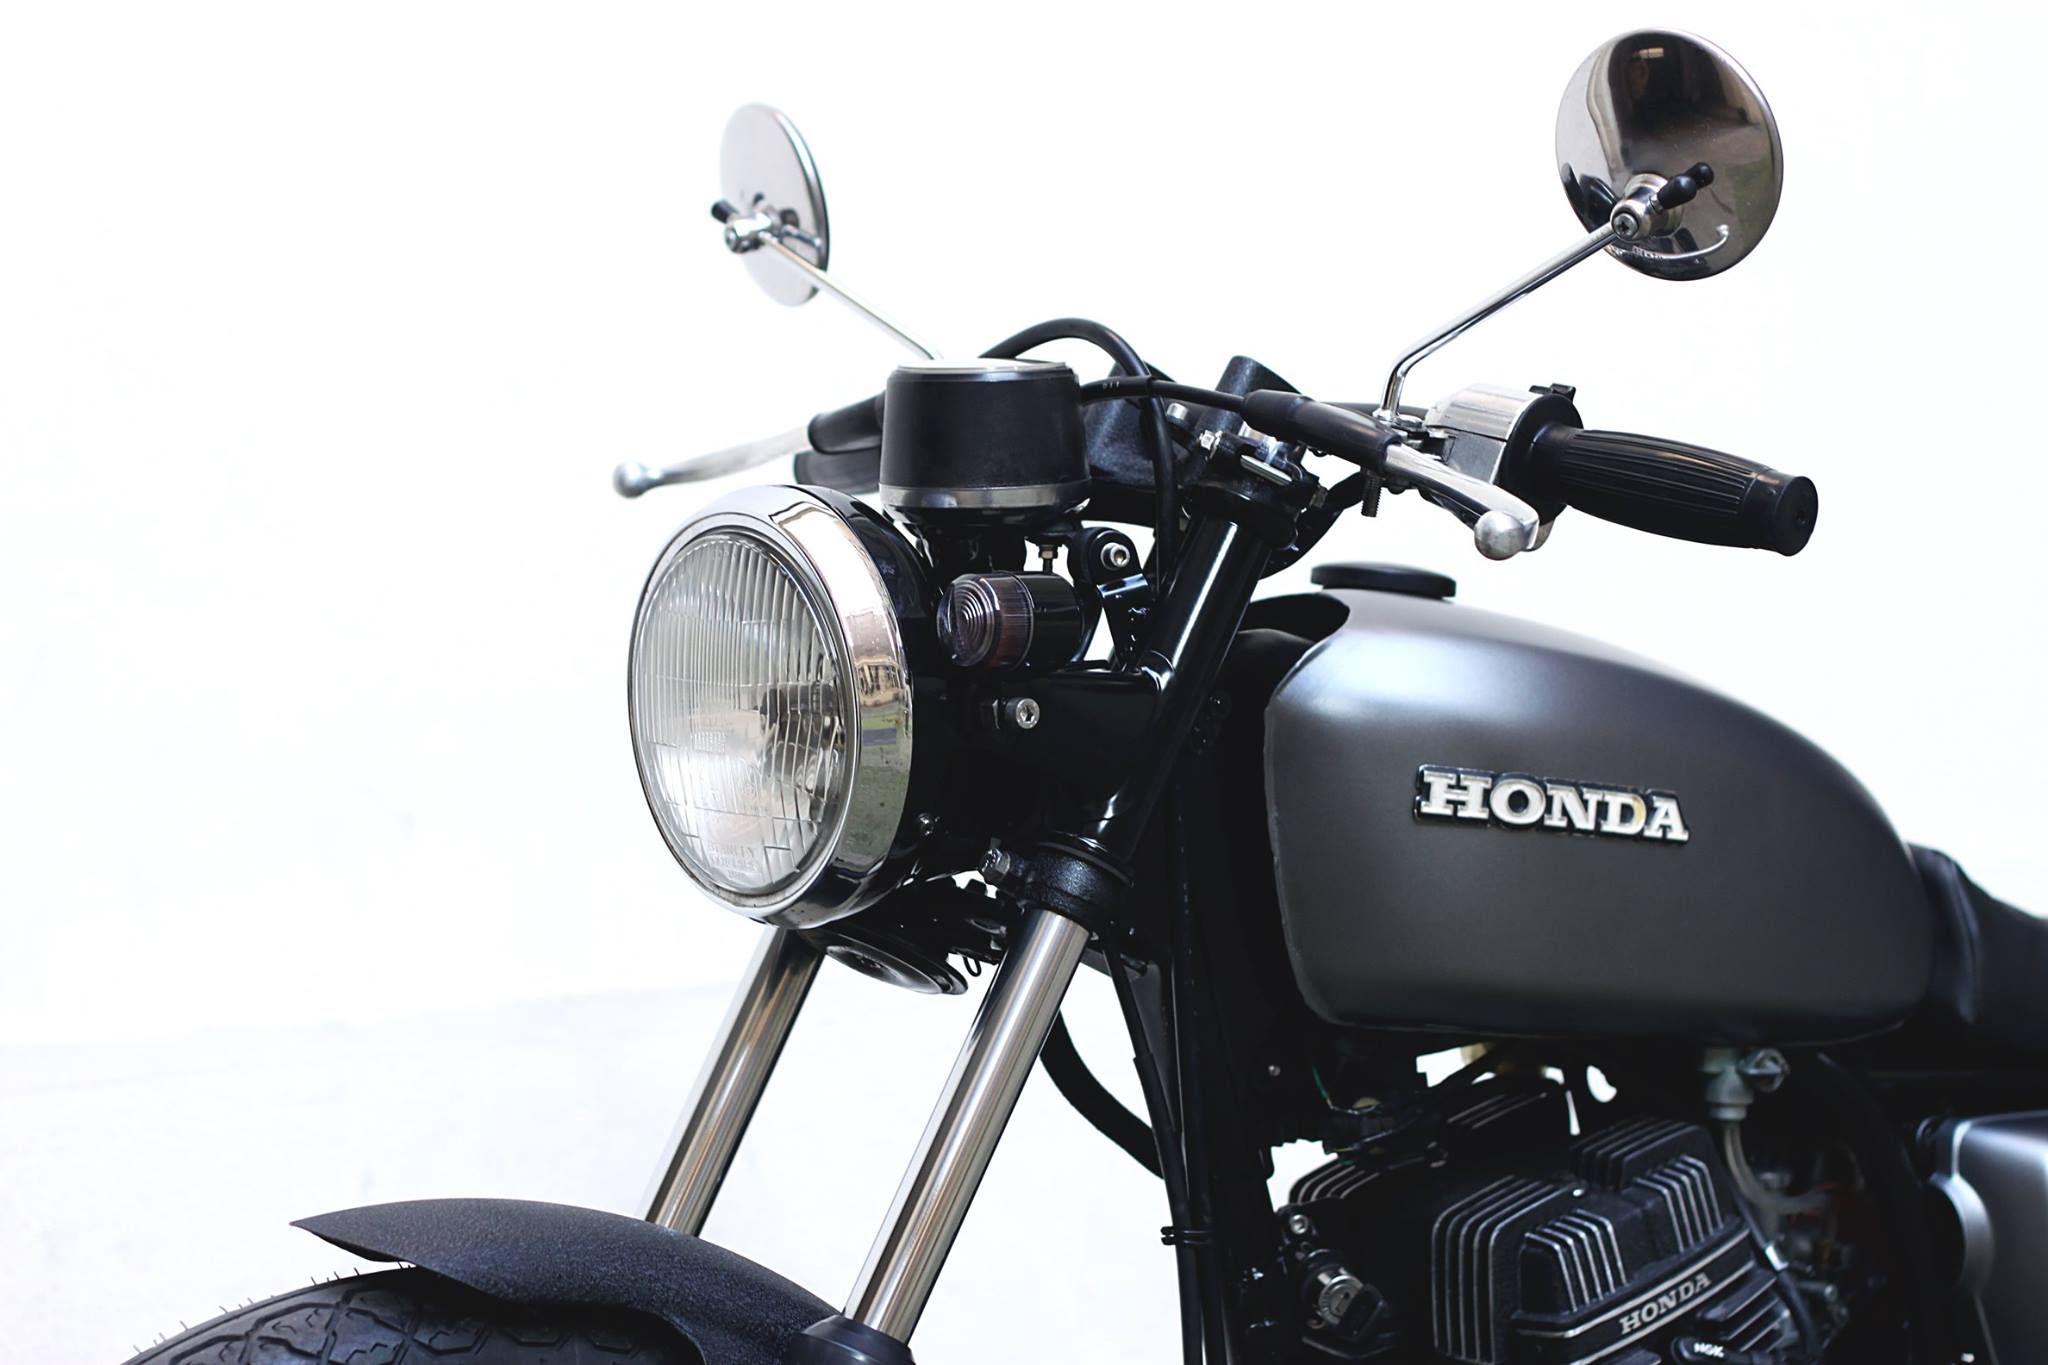 98' Honda CM125 - Dauphine Lamarck